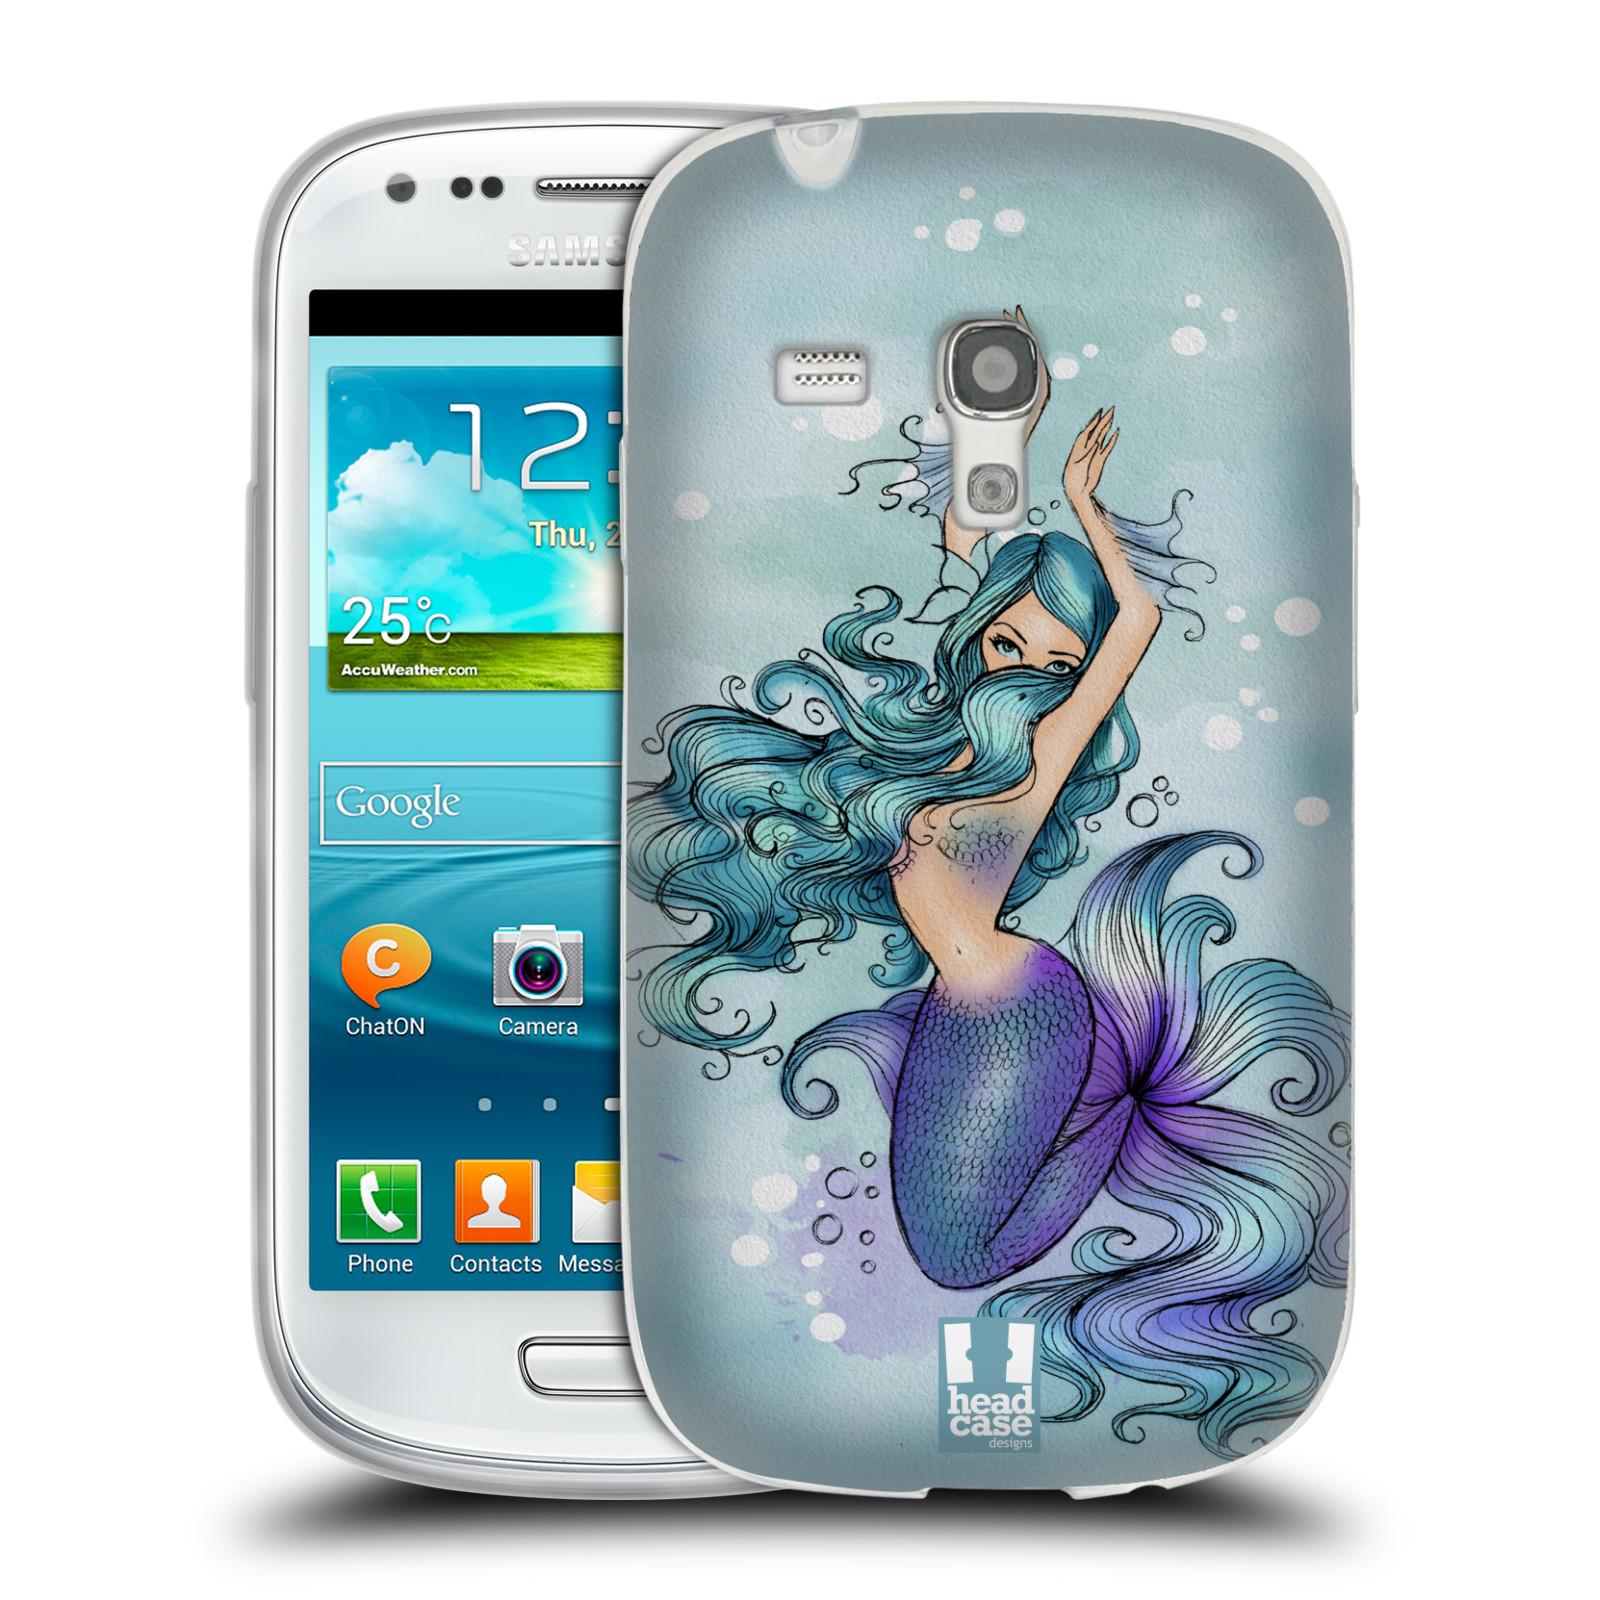 HEAD CASE silikonový obal na mobil Samsung Galaxy S3 MINI i8190 vzor Mořská víla MODRÁ